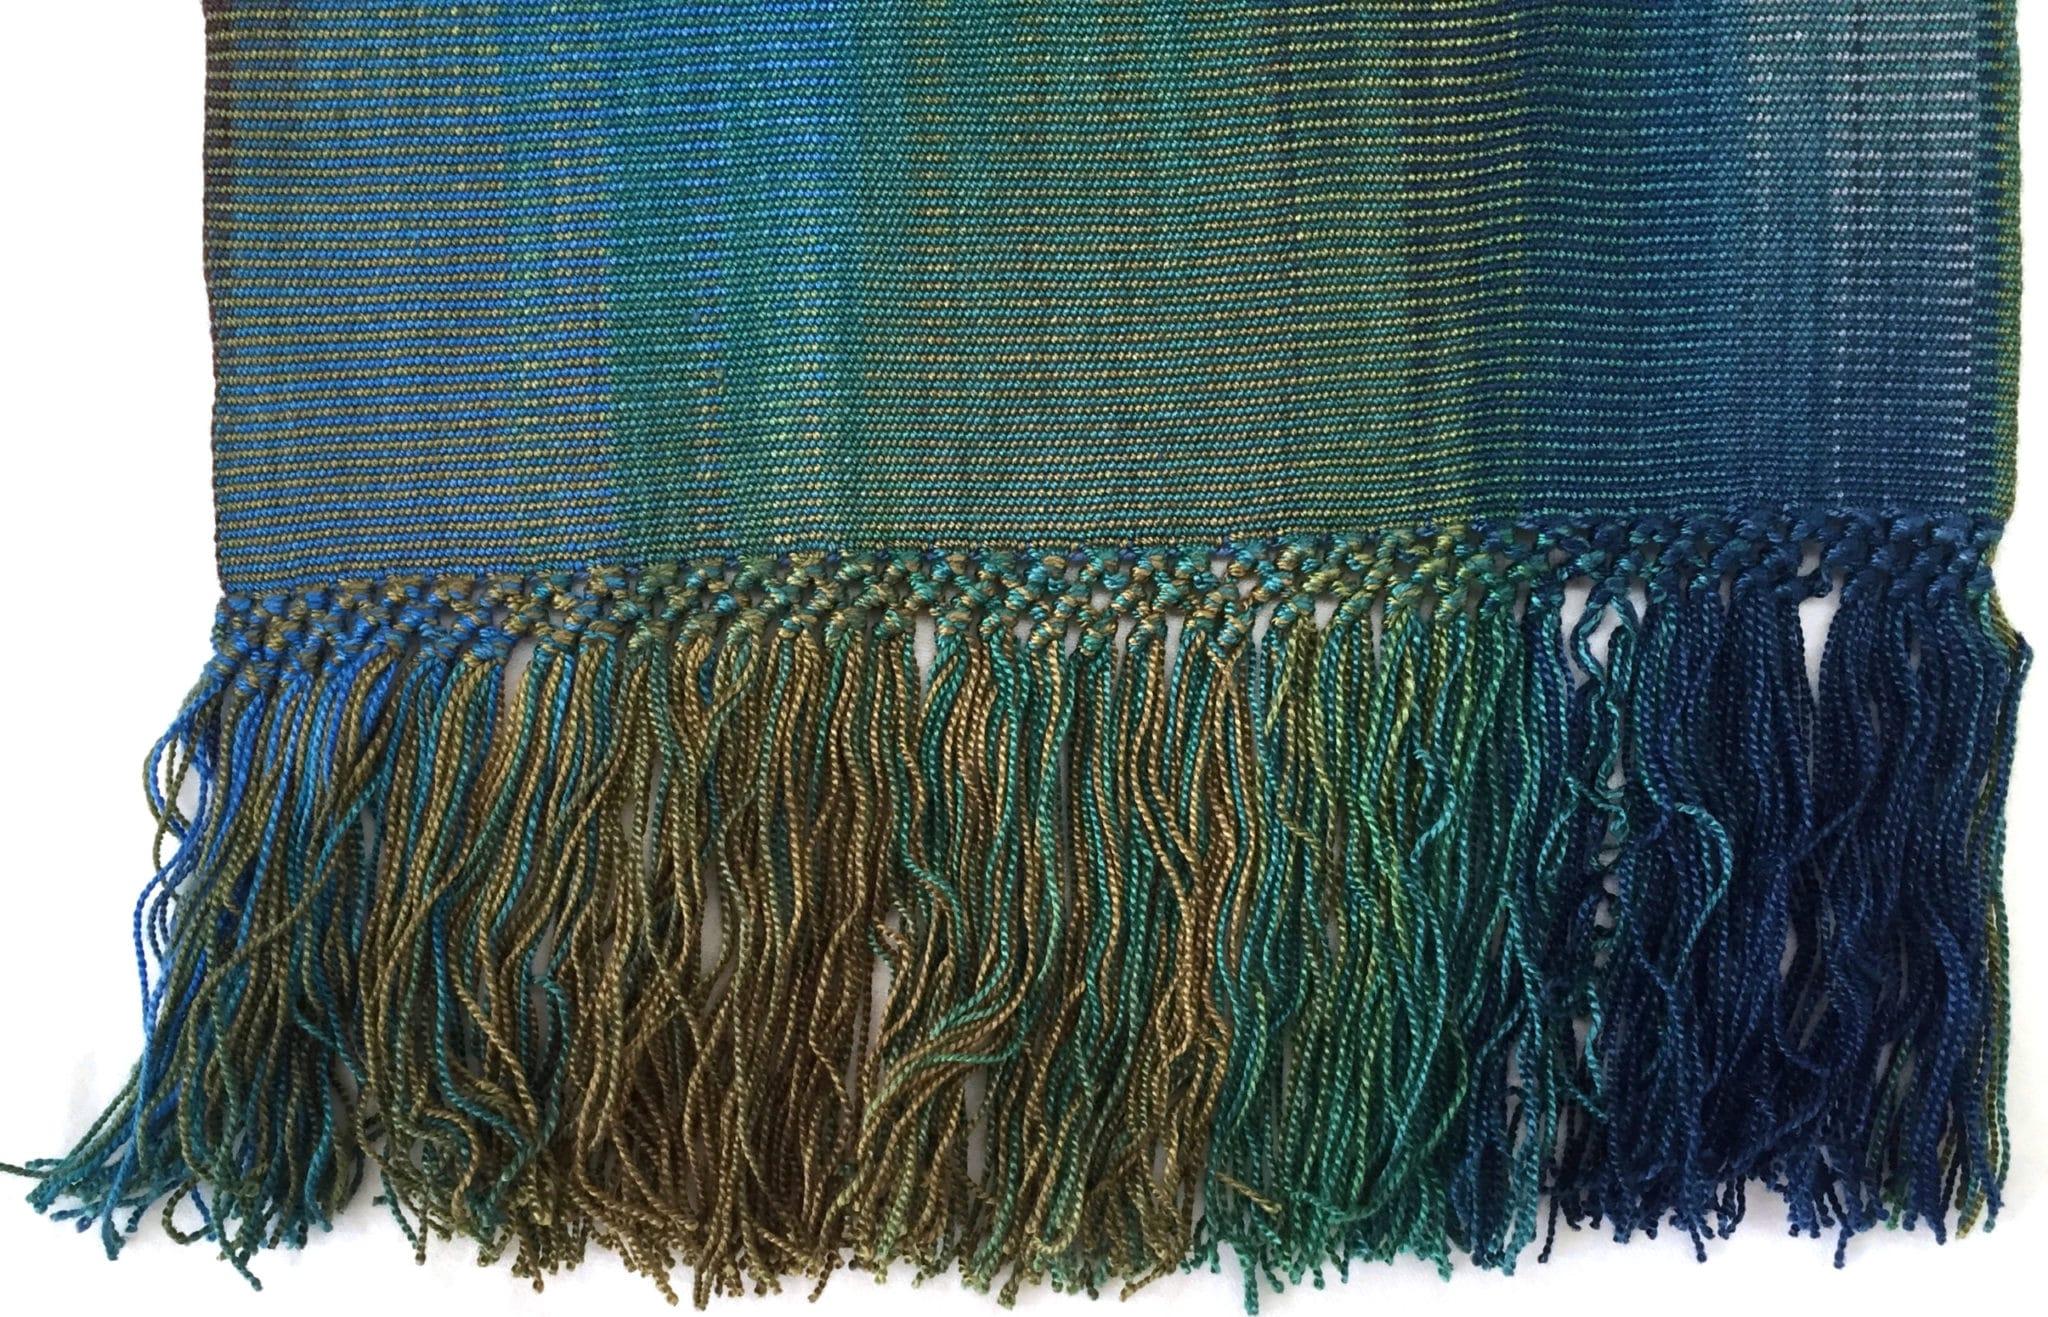 Blue, Green, Burgundy, Gray - Lightweight Bamboo Handwoven Scarf 8 x 68